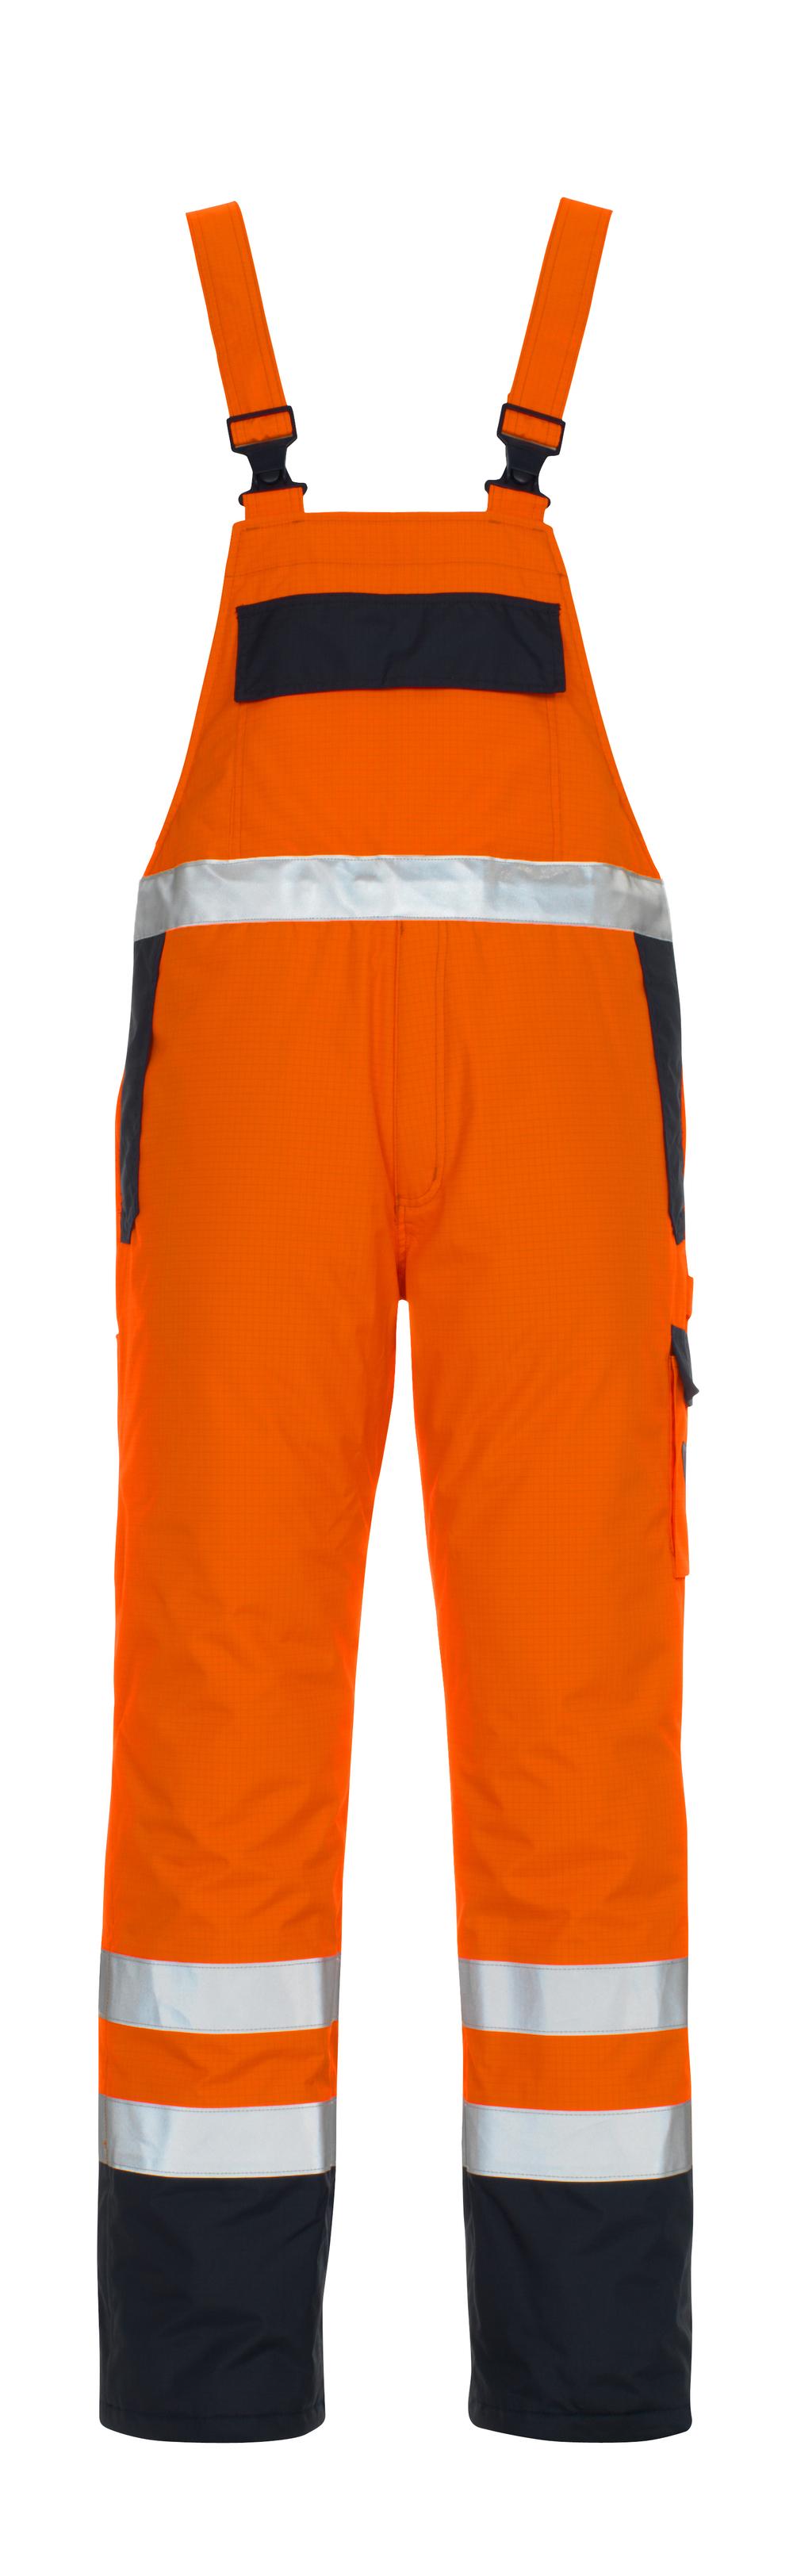 05192-064-141 Amerikaanse overall - hi-vis oranje/marine